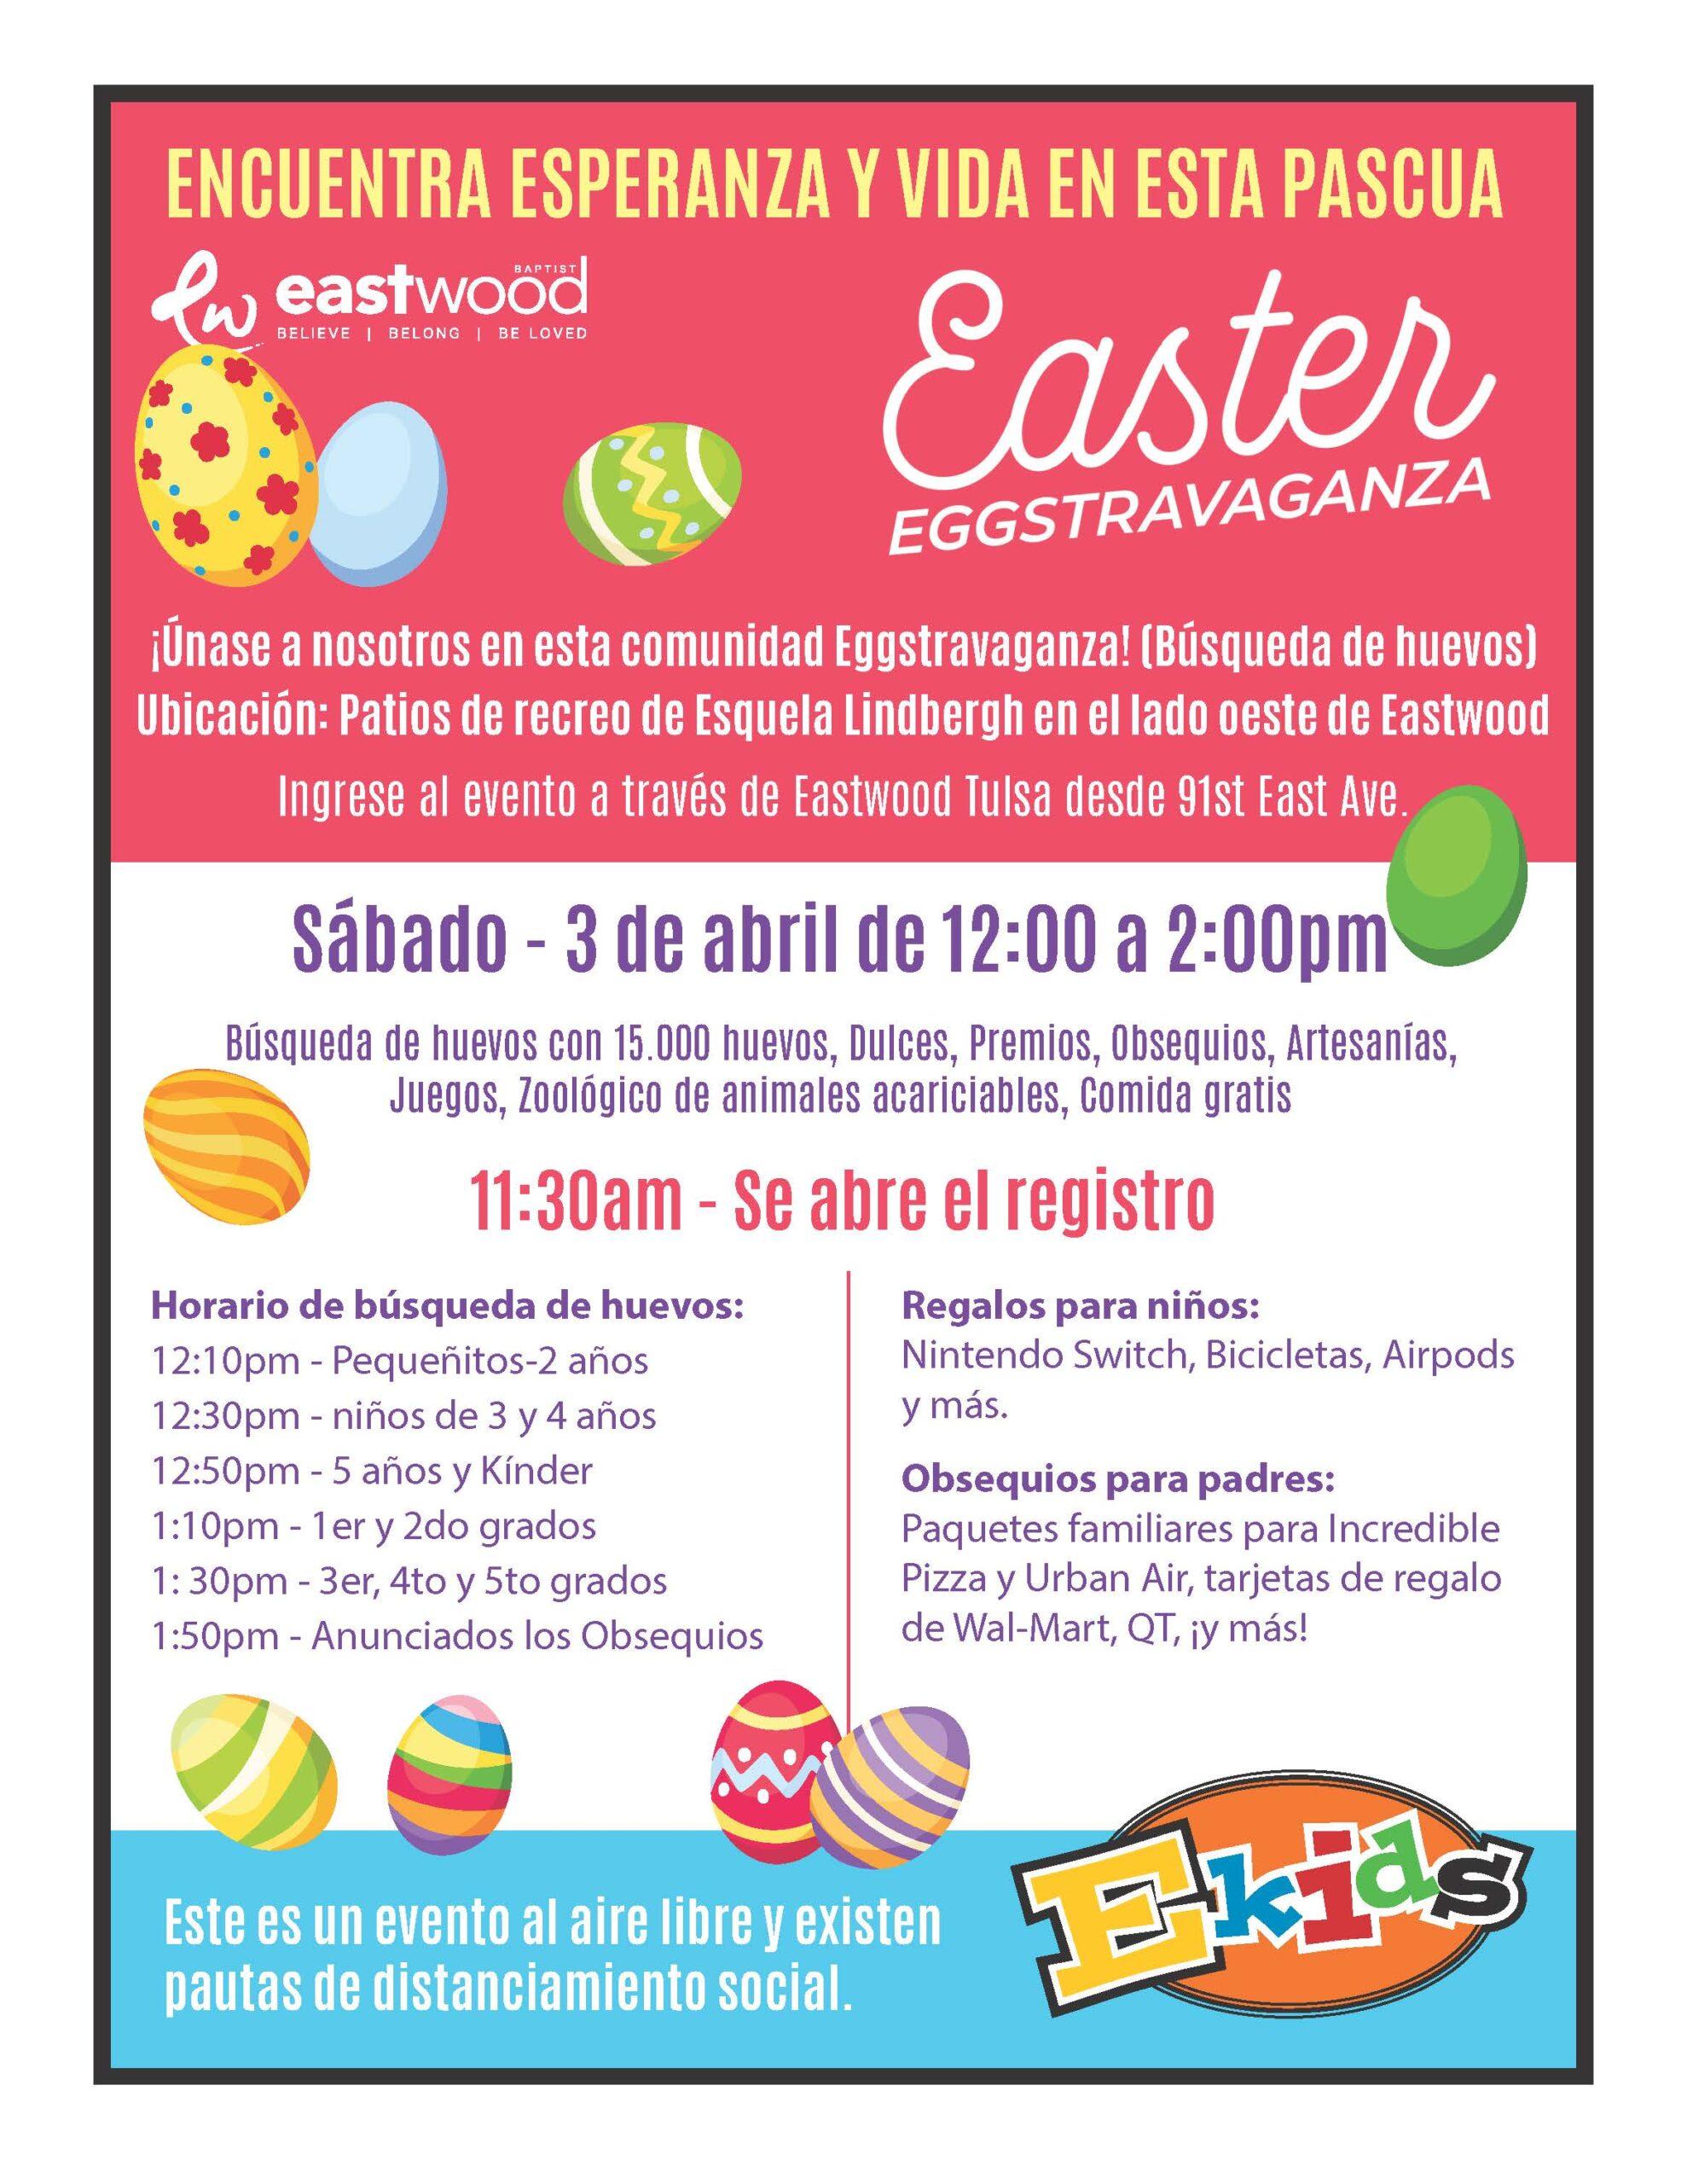 Eggstravaganza 2021 Espanol